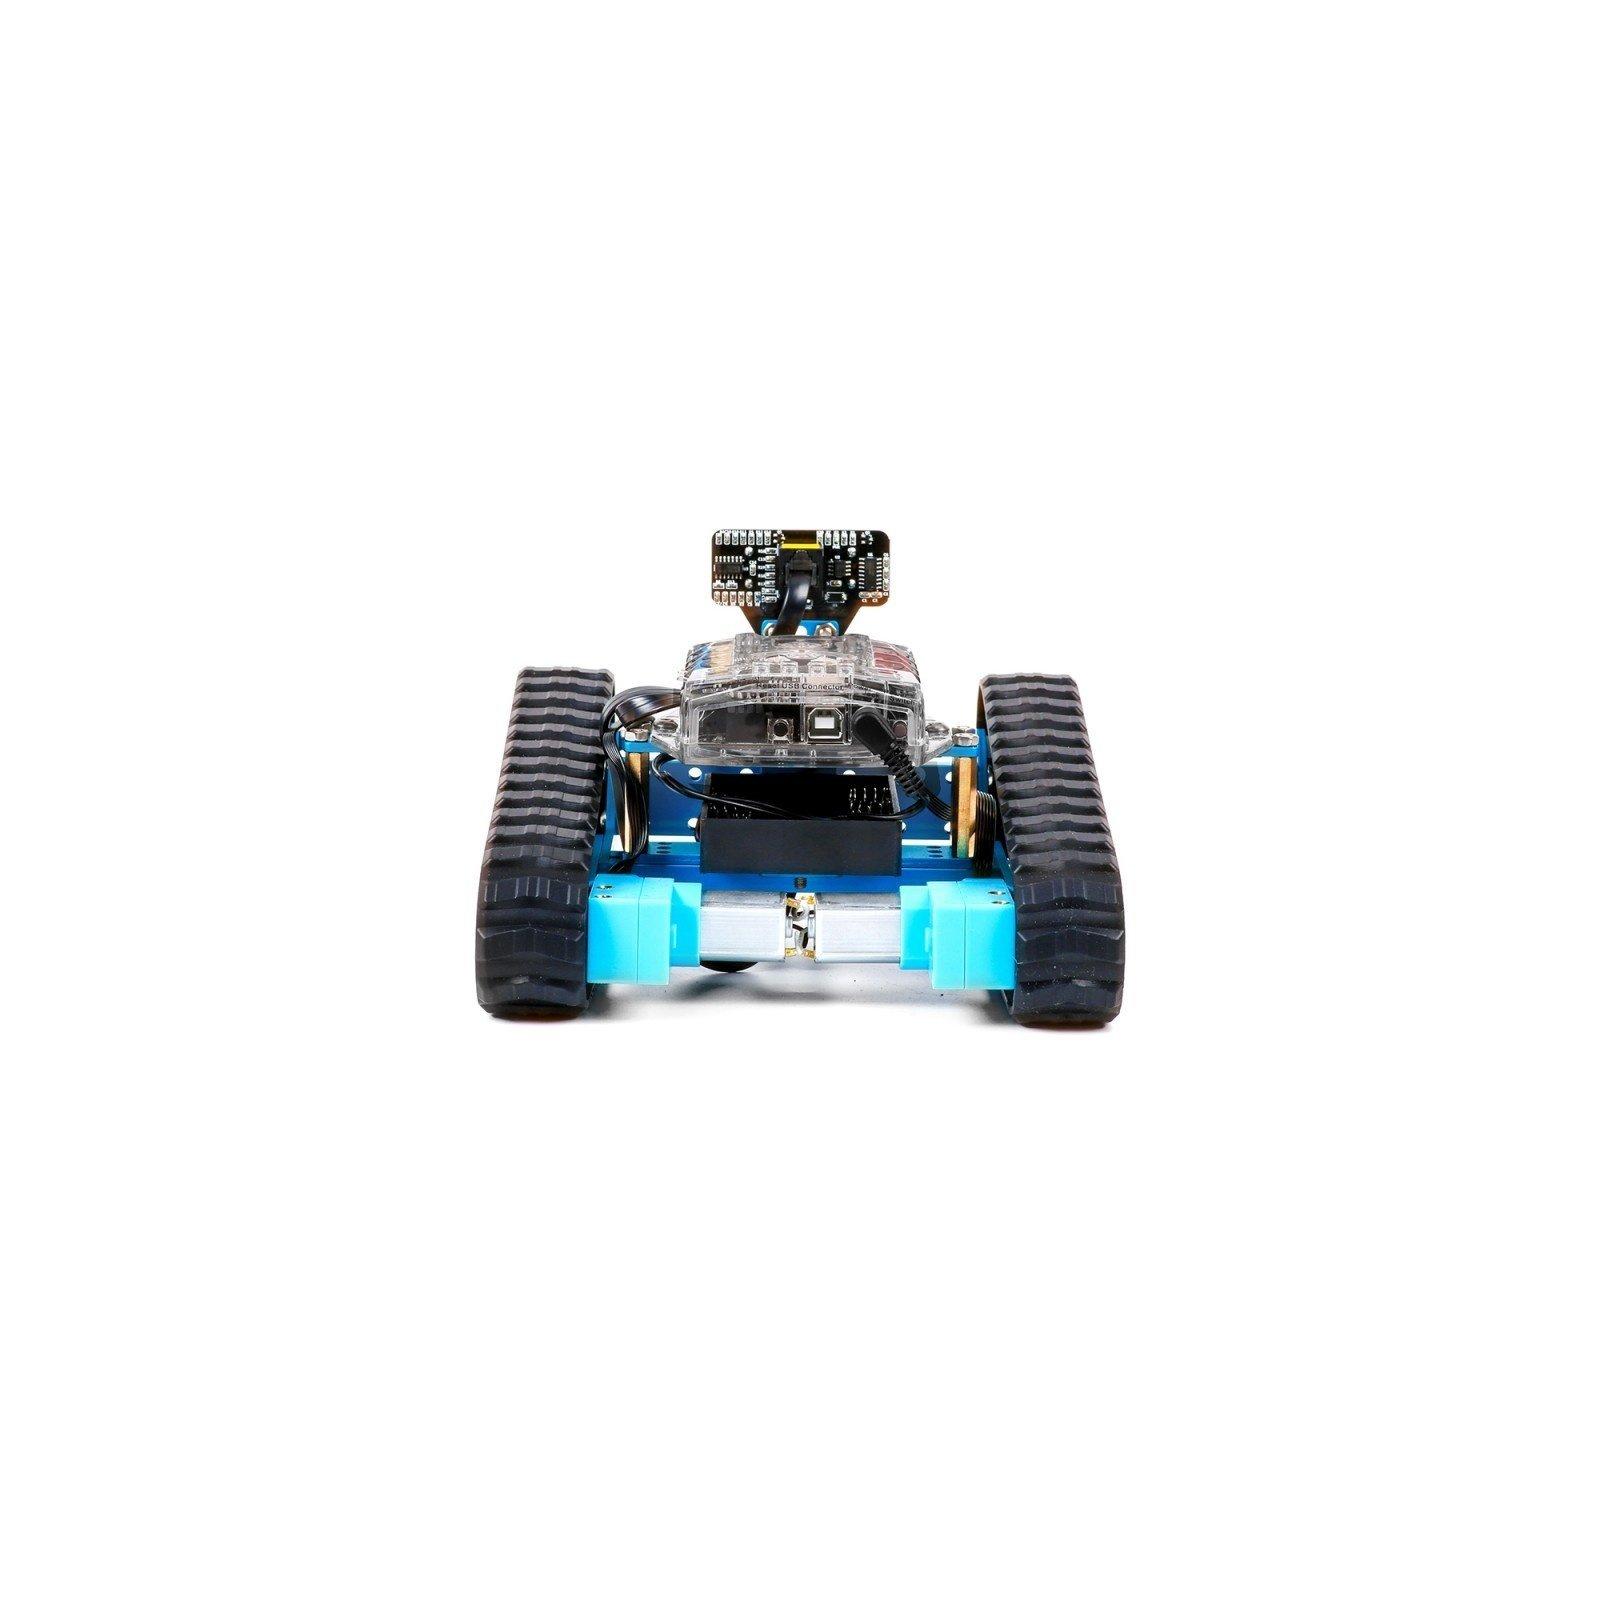 Робот Makeblock mBot Ranger BT (09.00.92) изображение 3